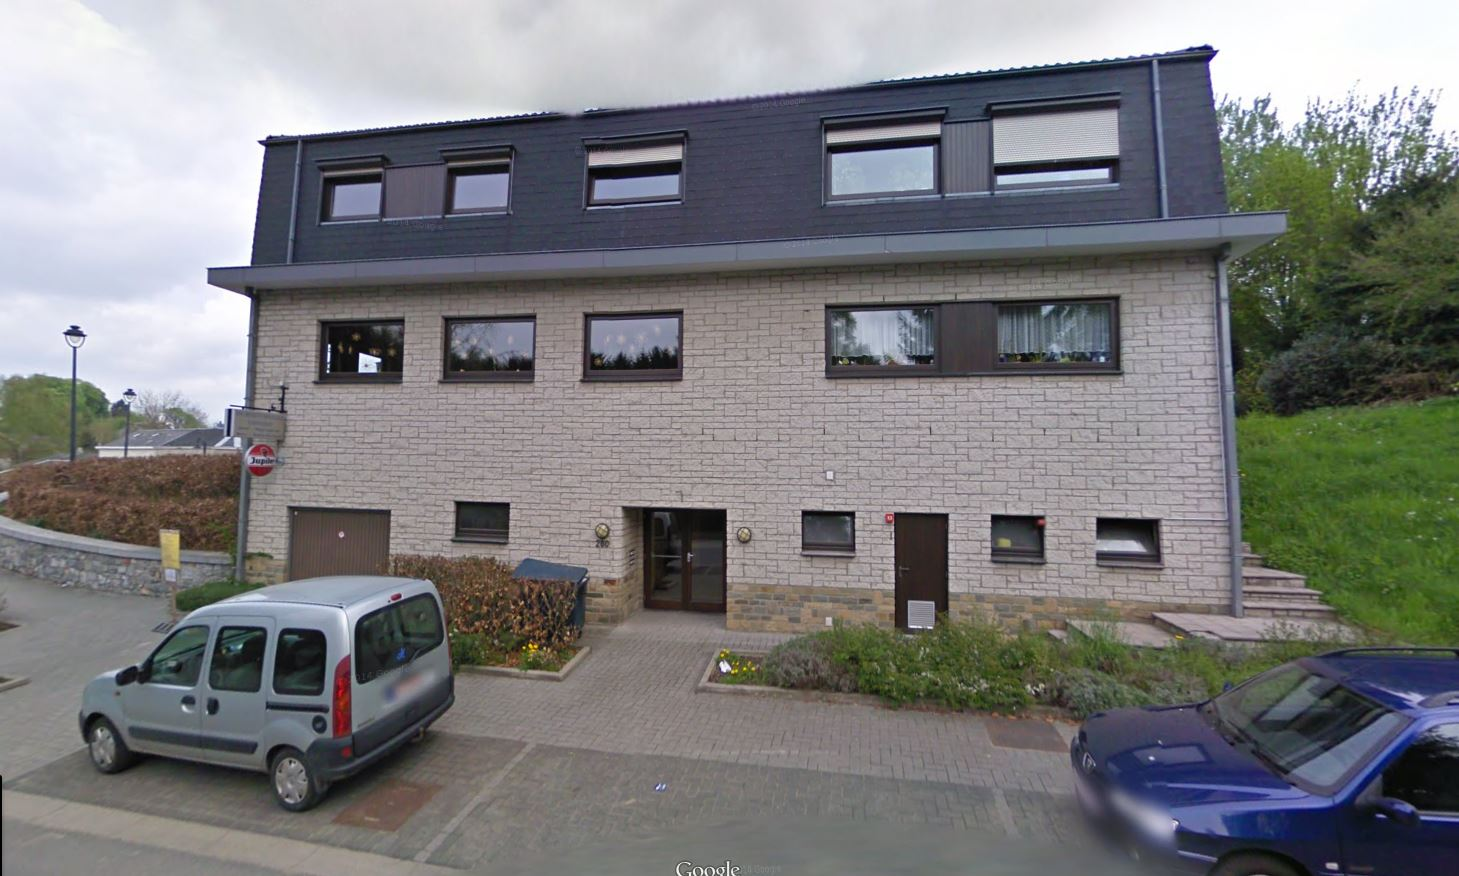 Rue de limbourg google maps